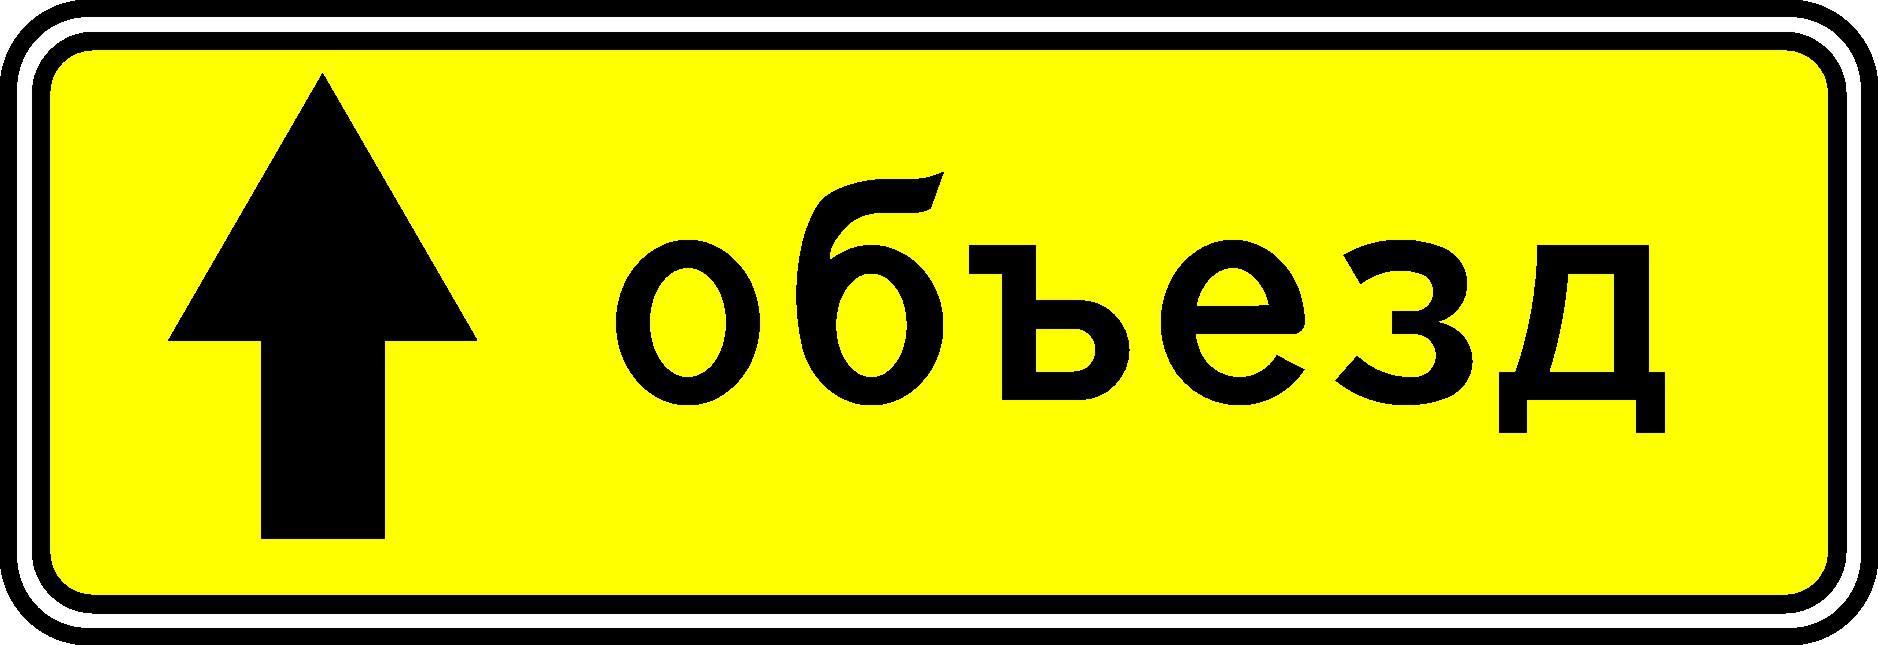 Желтый цвет предупреждает об опасности